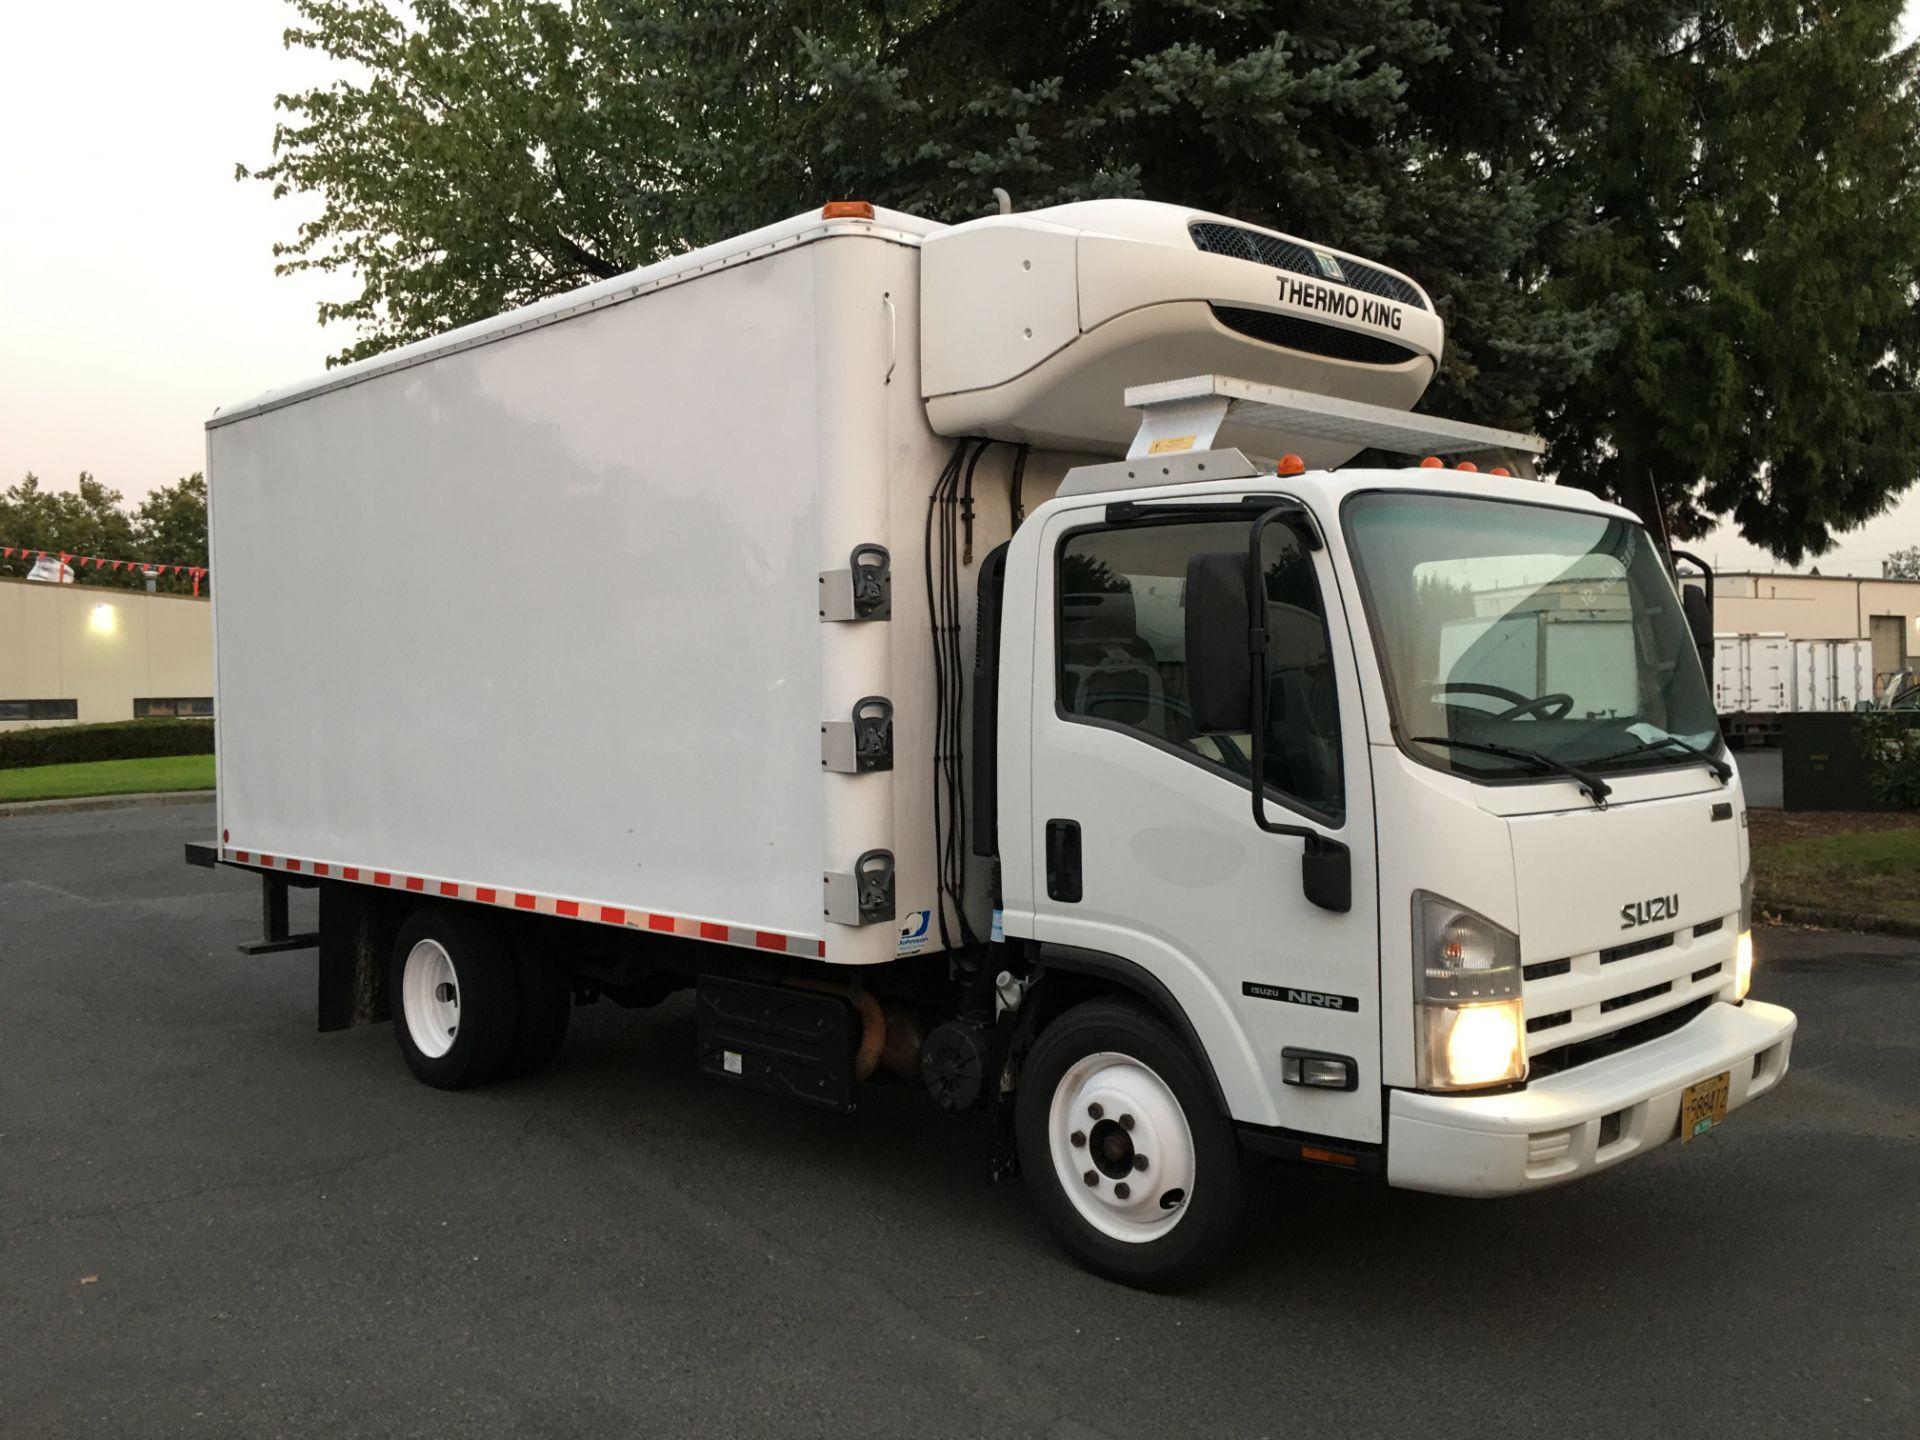 2013 Isuzu refrigerated truck - Image 2 of 4